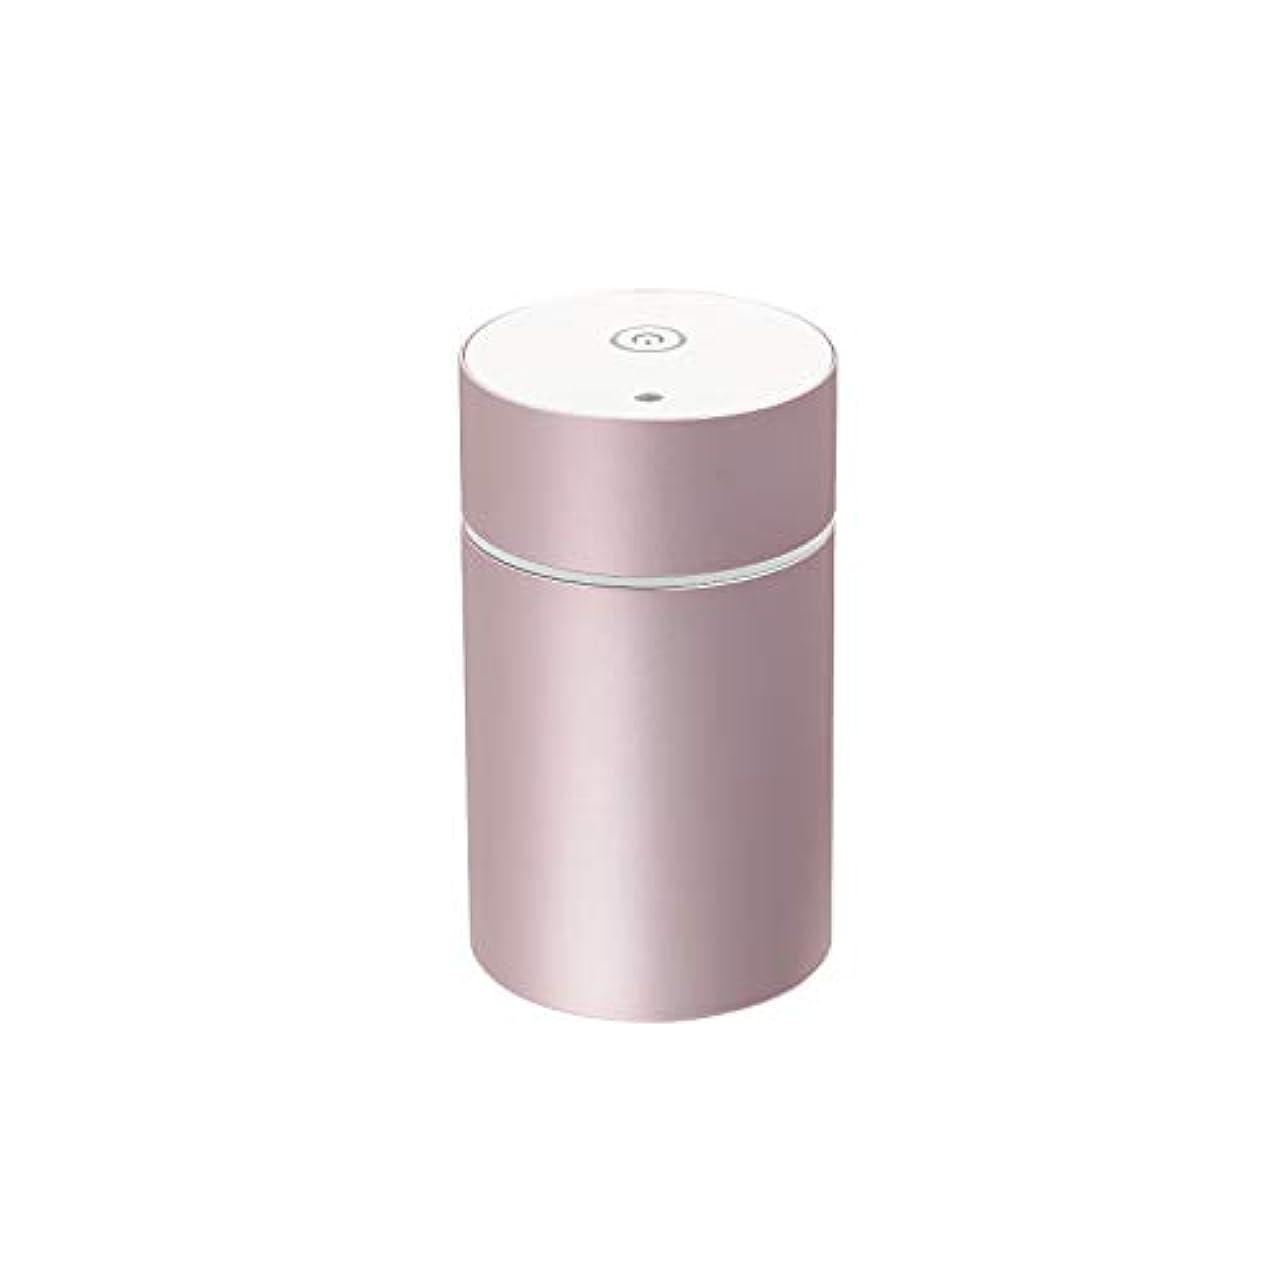 見捨てるりディレイ生活の木 アロマディフューザー(ピンク)aromore mini(アロモアミニ) 08-801-7020